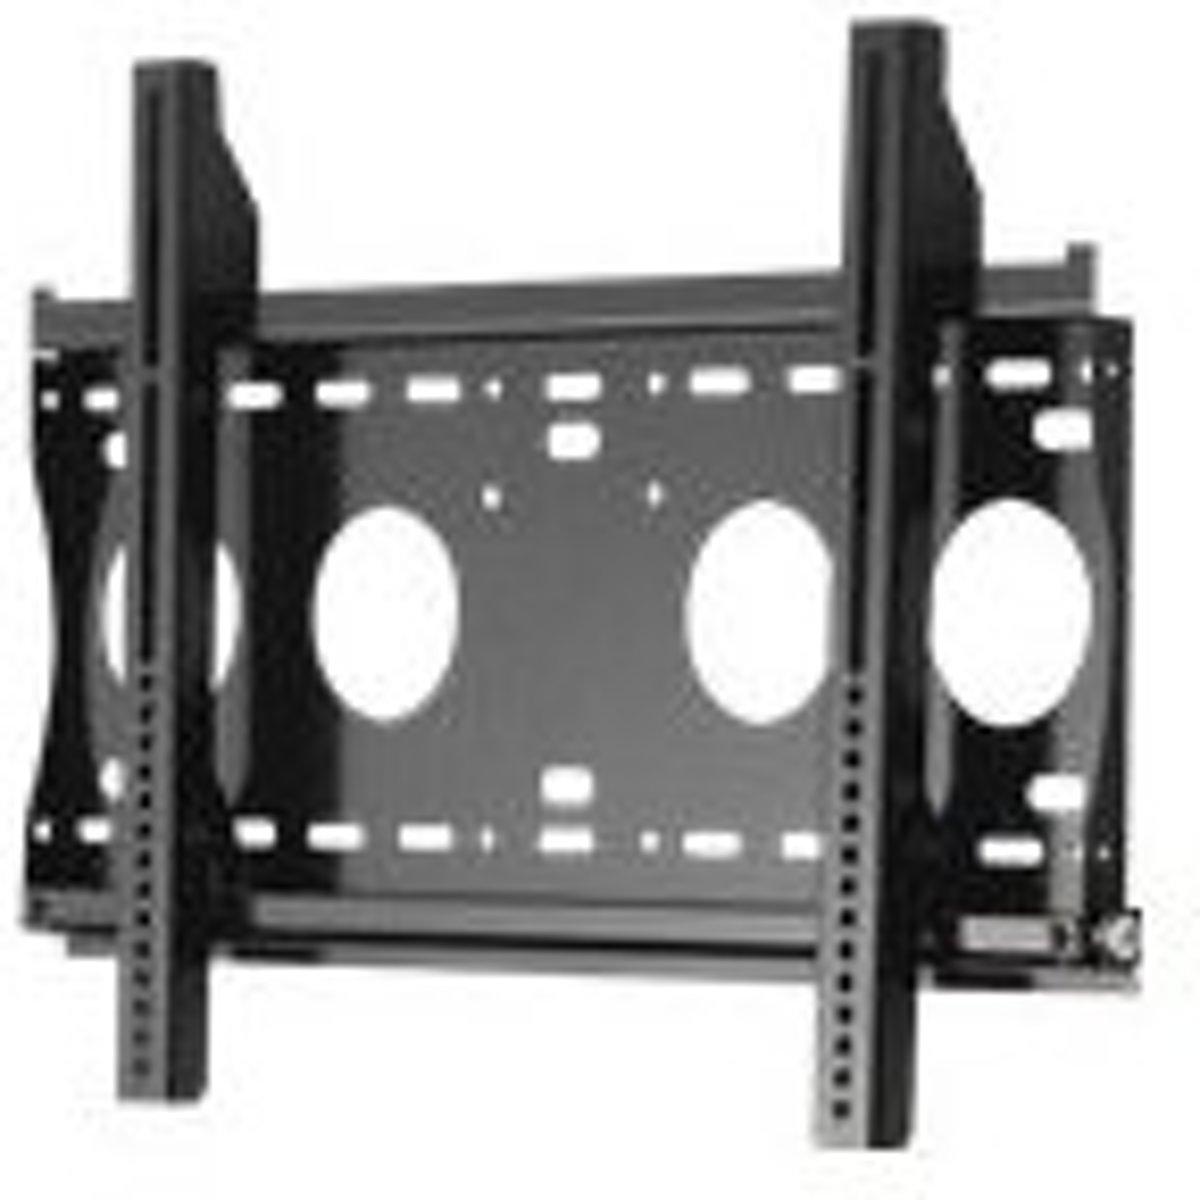 Tronje L4030 - Vaste muurbeugel - Geschikt voor tv's van 26 t/m 52 inch - Zwart kopen